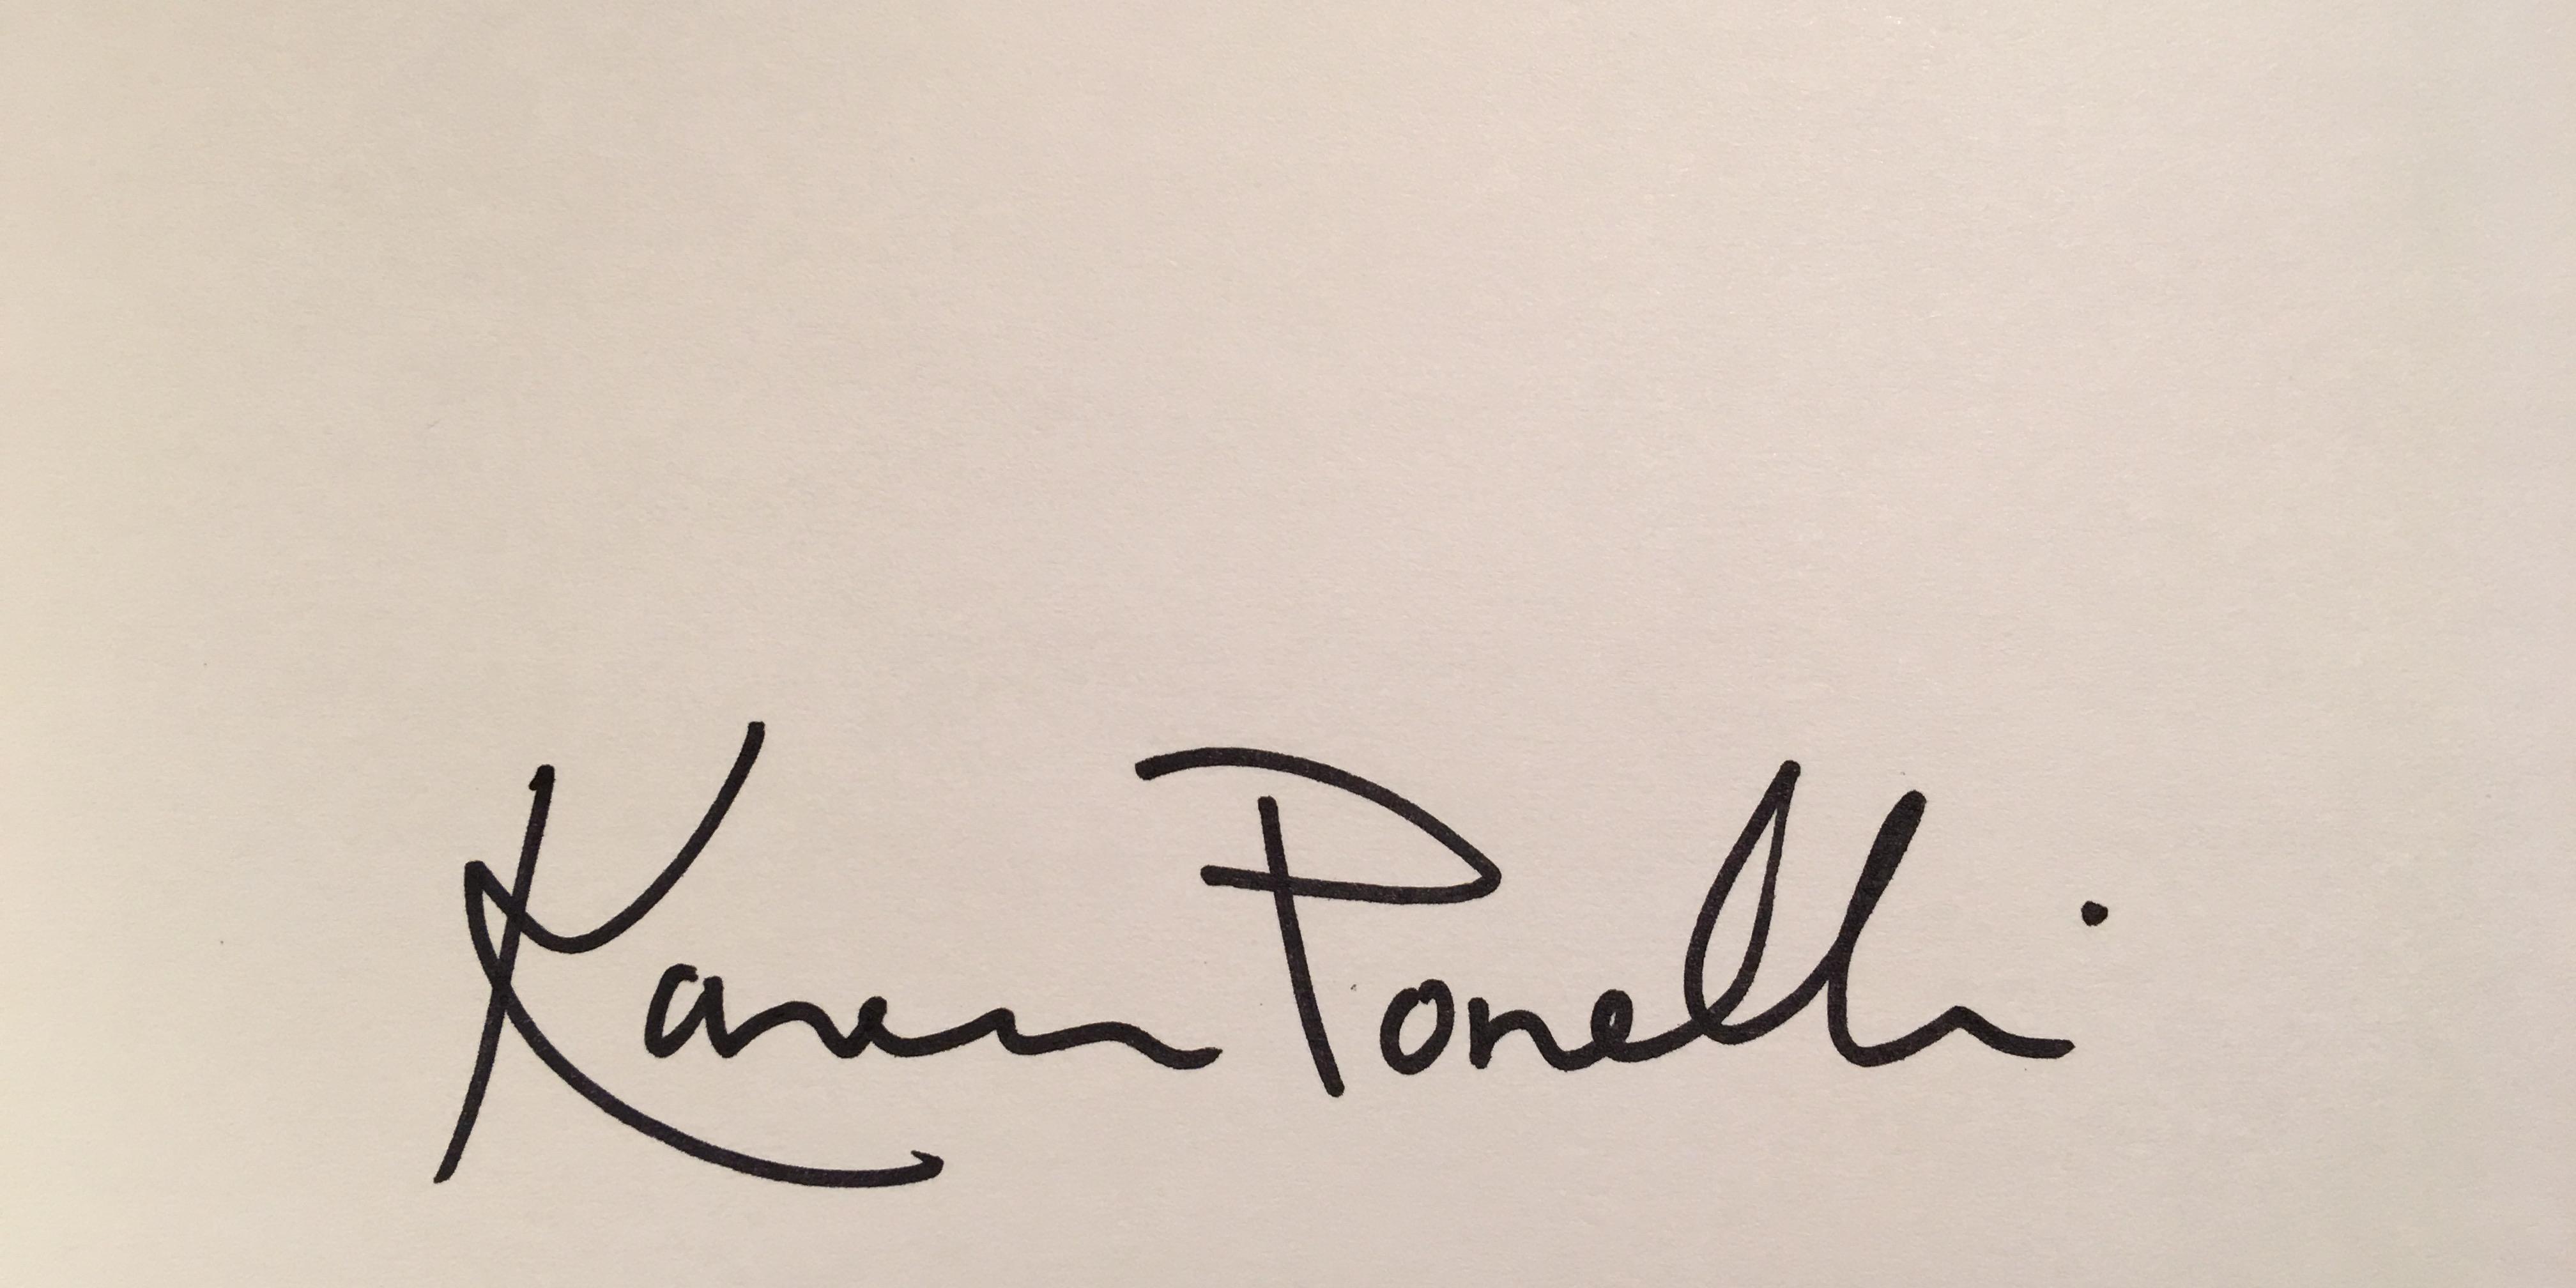 Karen Ponelli Signature